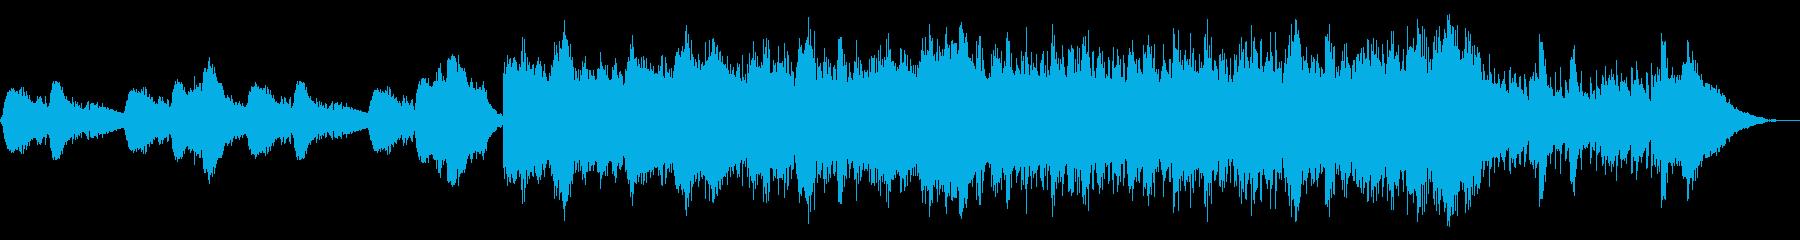 未知の存在に遭遇した時のエピック系の再生済みの波形